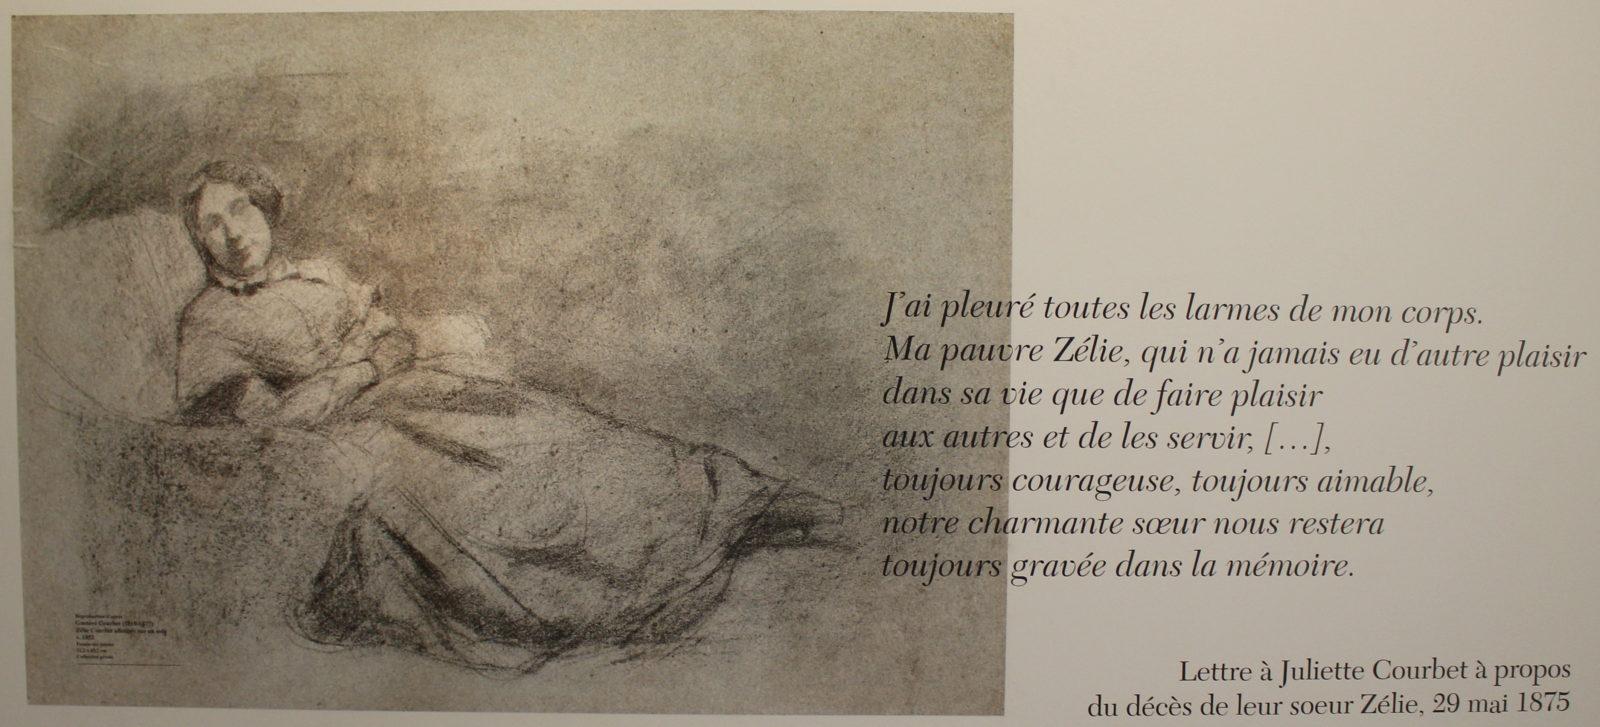 Musée Courbet Ornans Lettre à Juliette Courbet